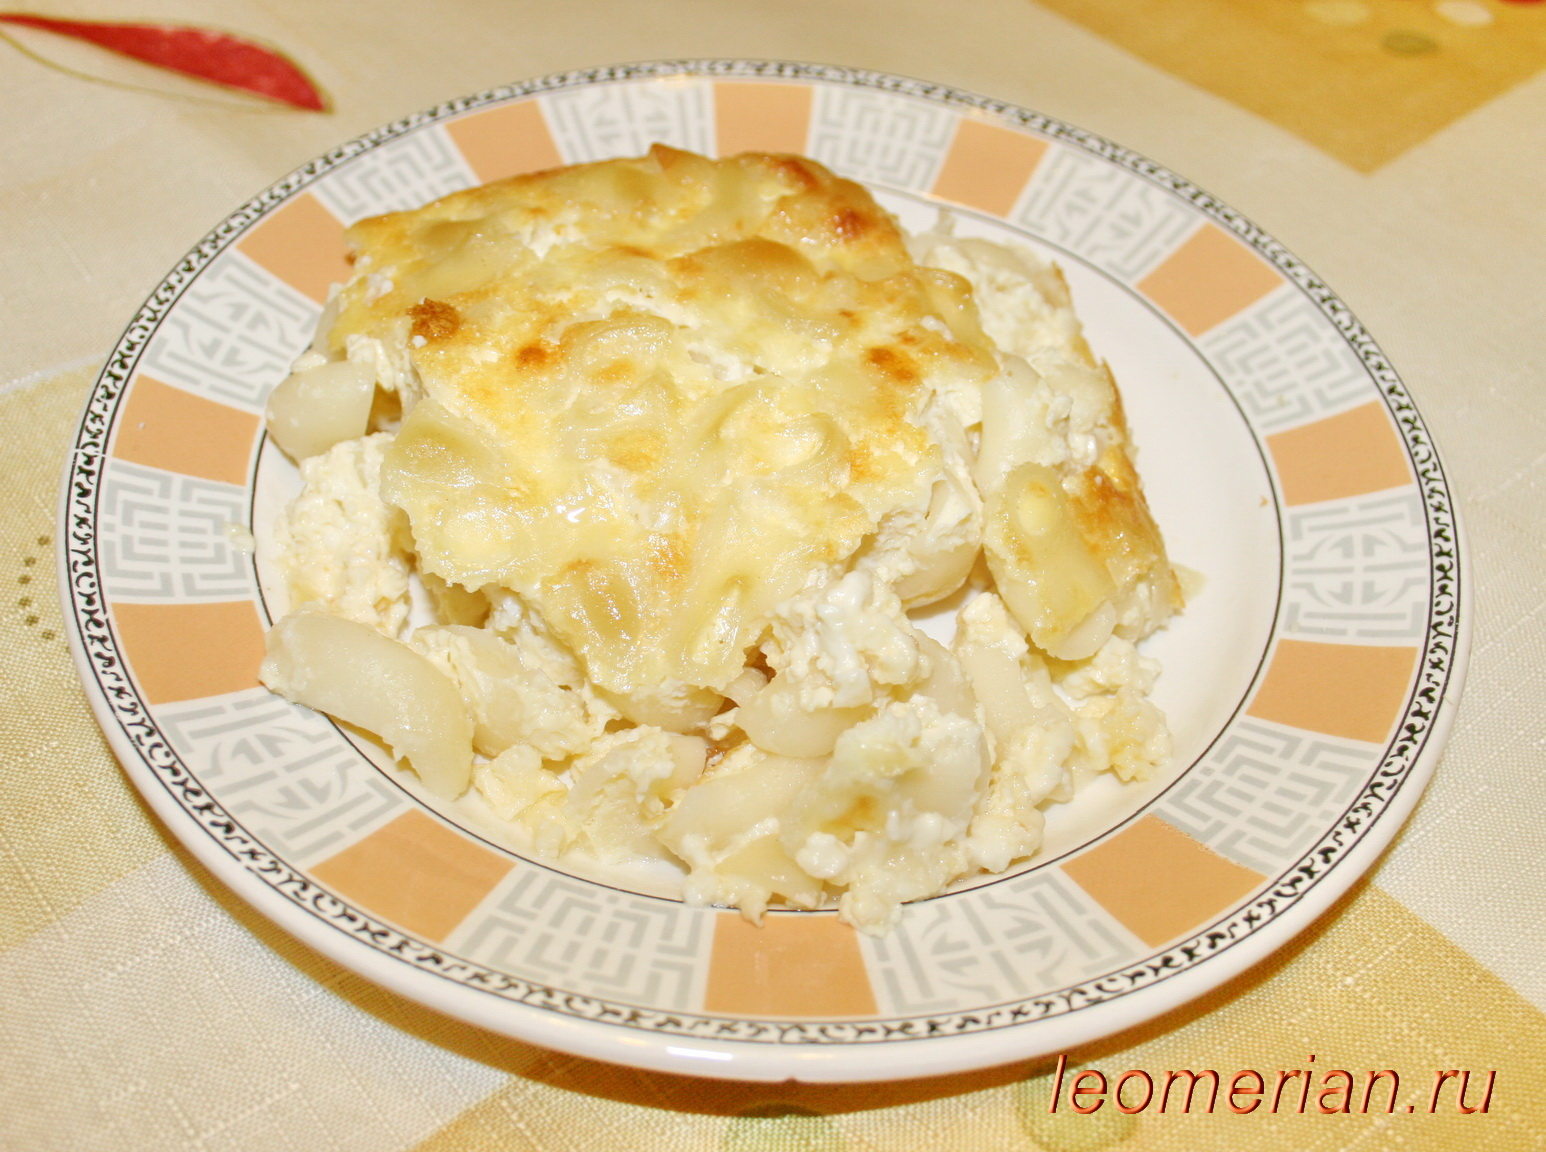 Как приготовить макароны с яйцами в духовке рецепт пошагово